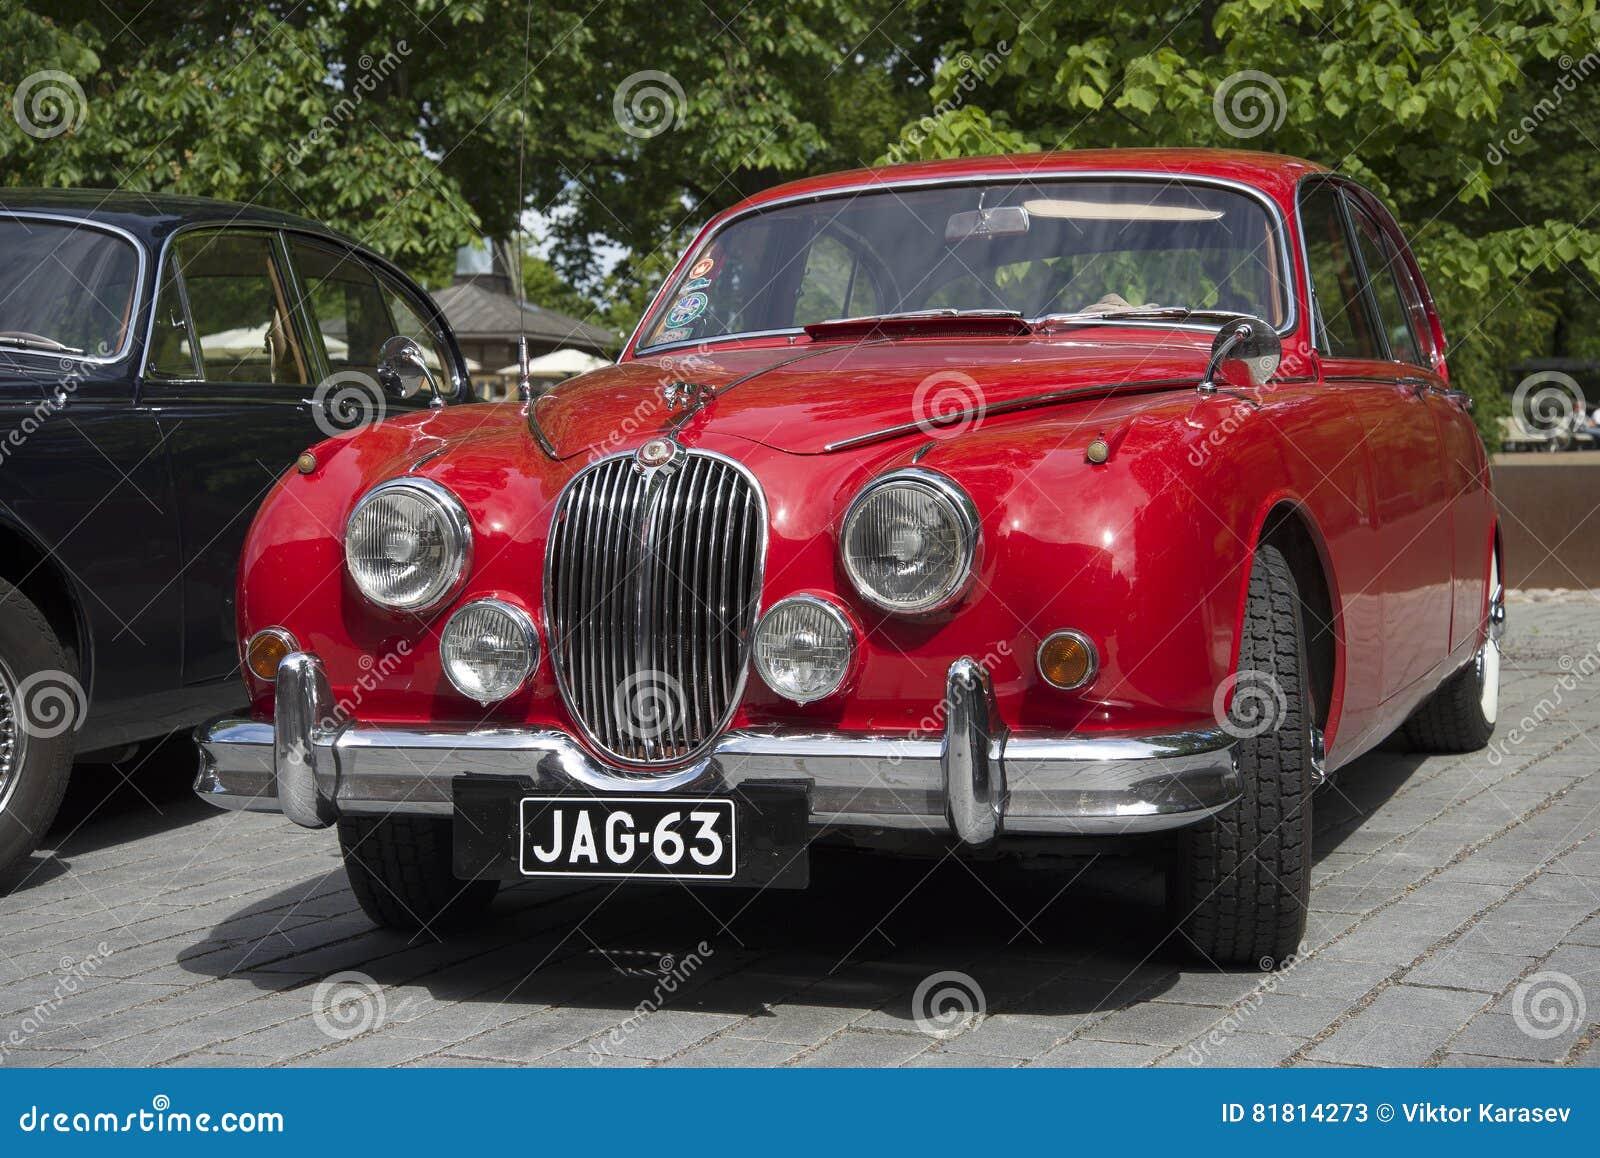 Красный ягуар Mk-1 - участник парада винтажных автомобилей Финляндия turku